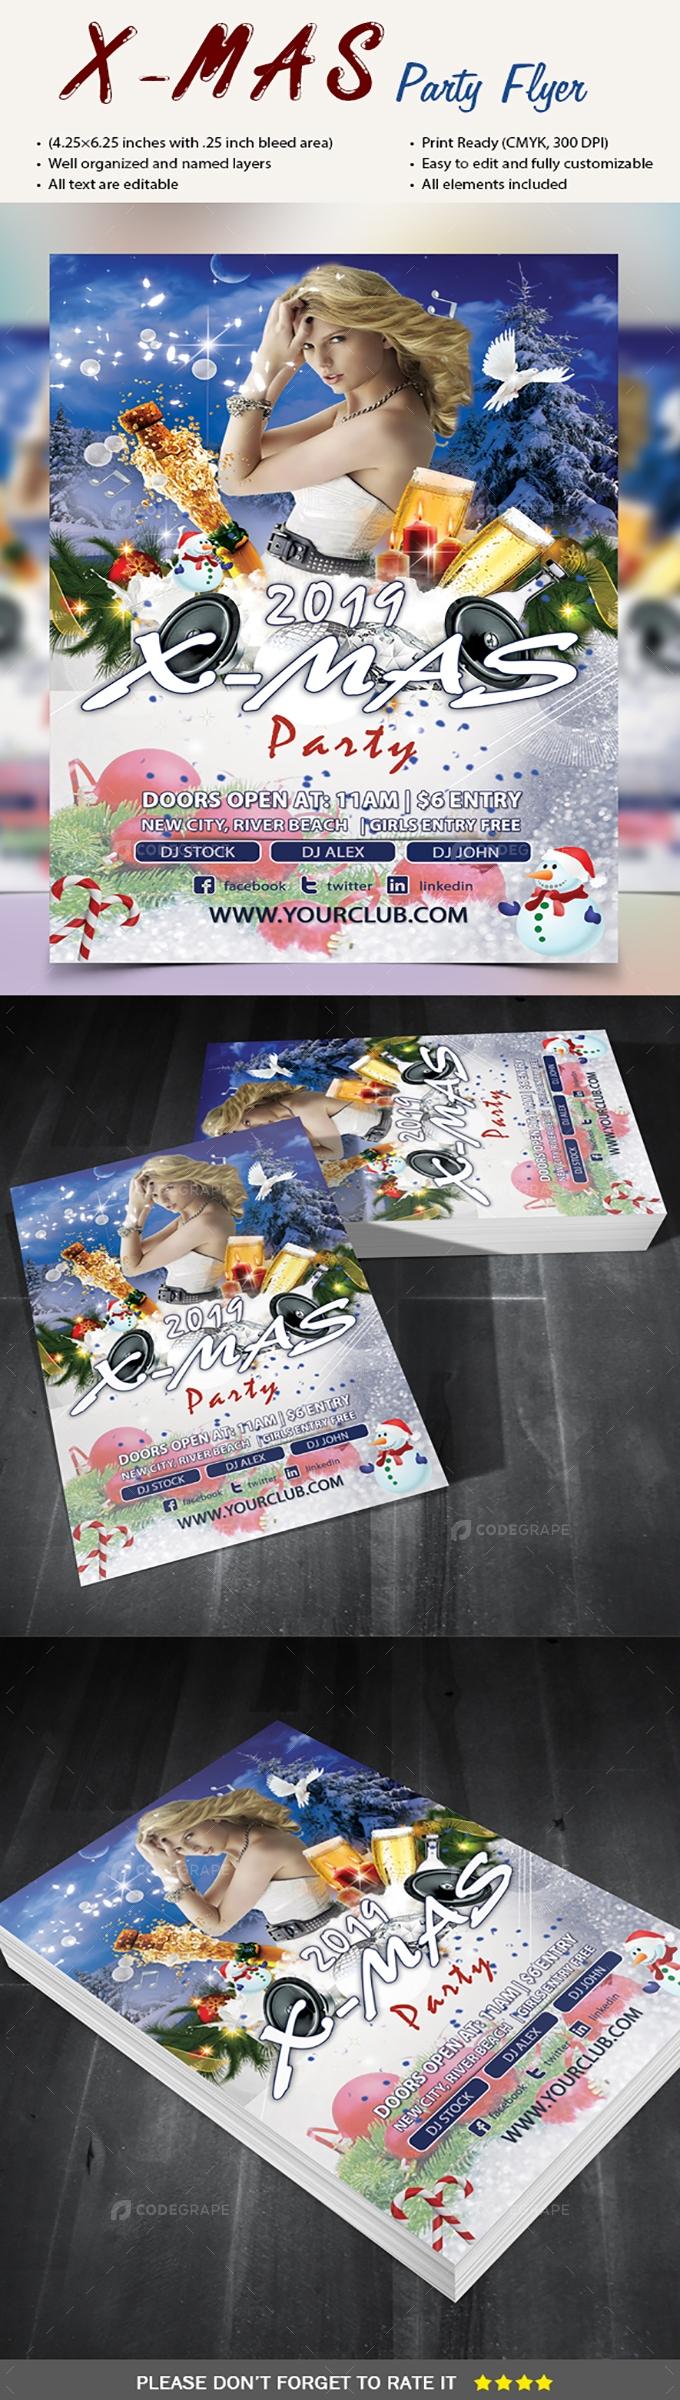 X Mas Party Flyer